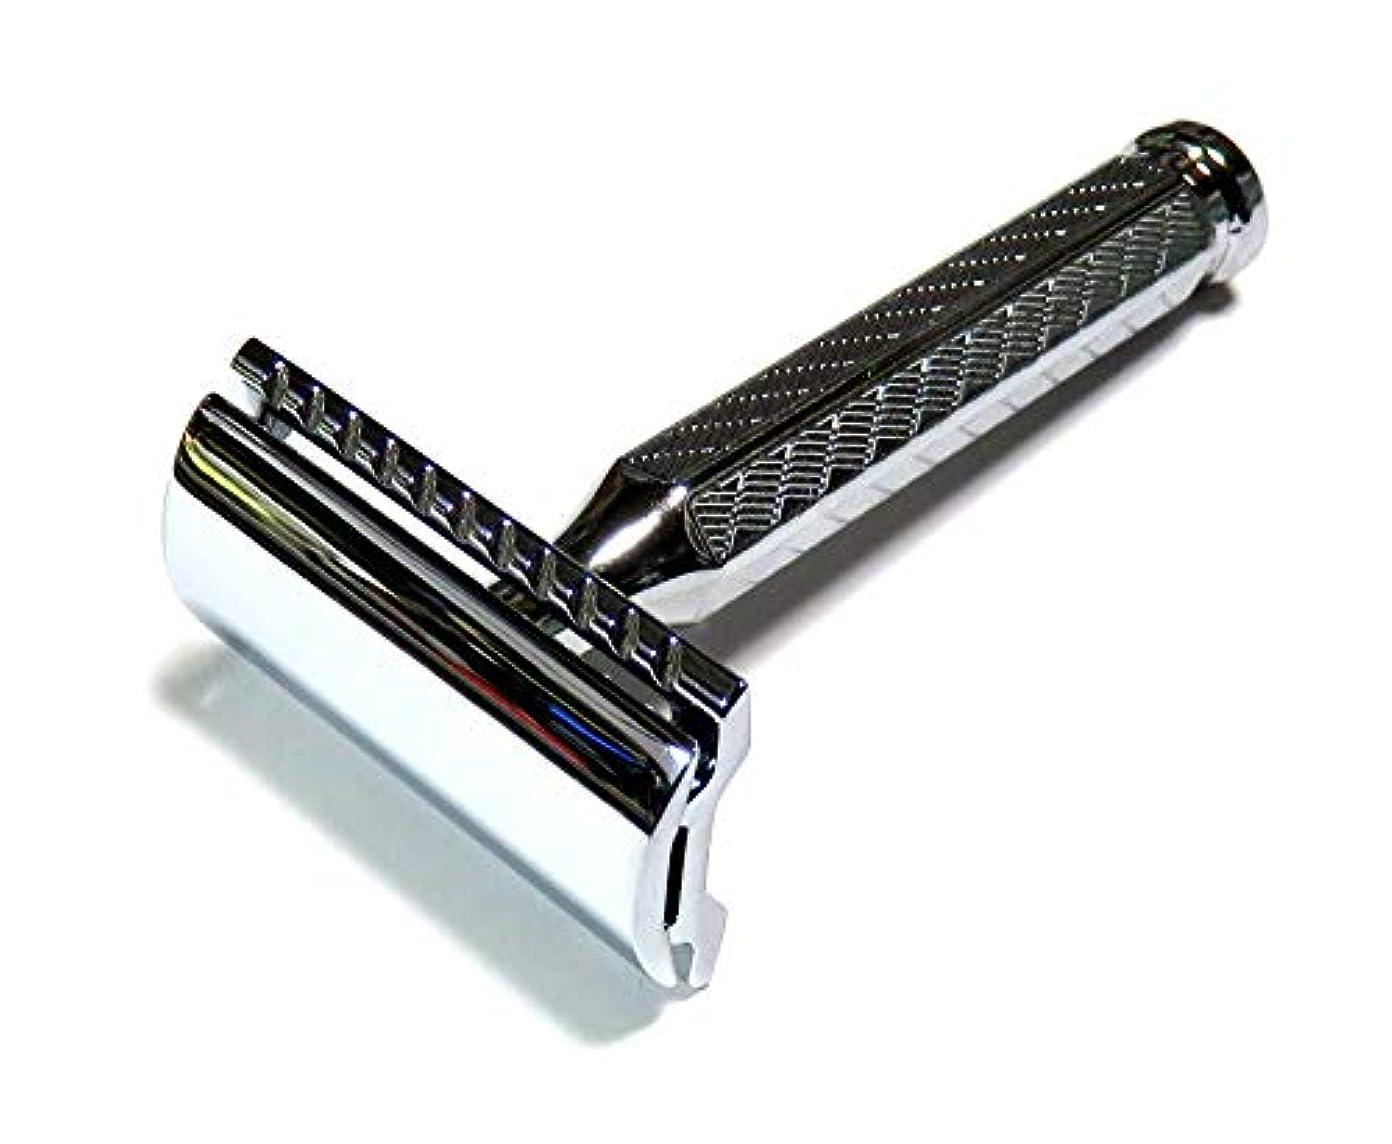 体現するアッティカスエミュレートするMERKUR Solingen - Safety razor, chromed, closed comb, 9042001